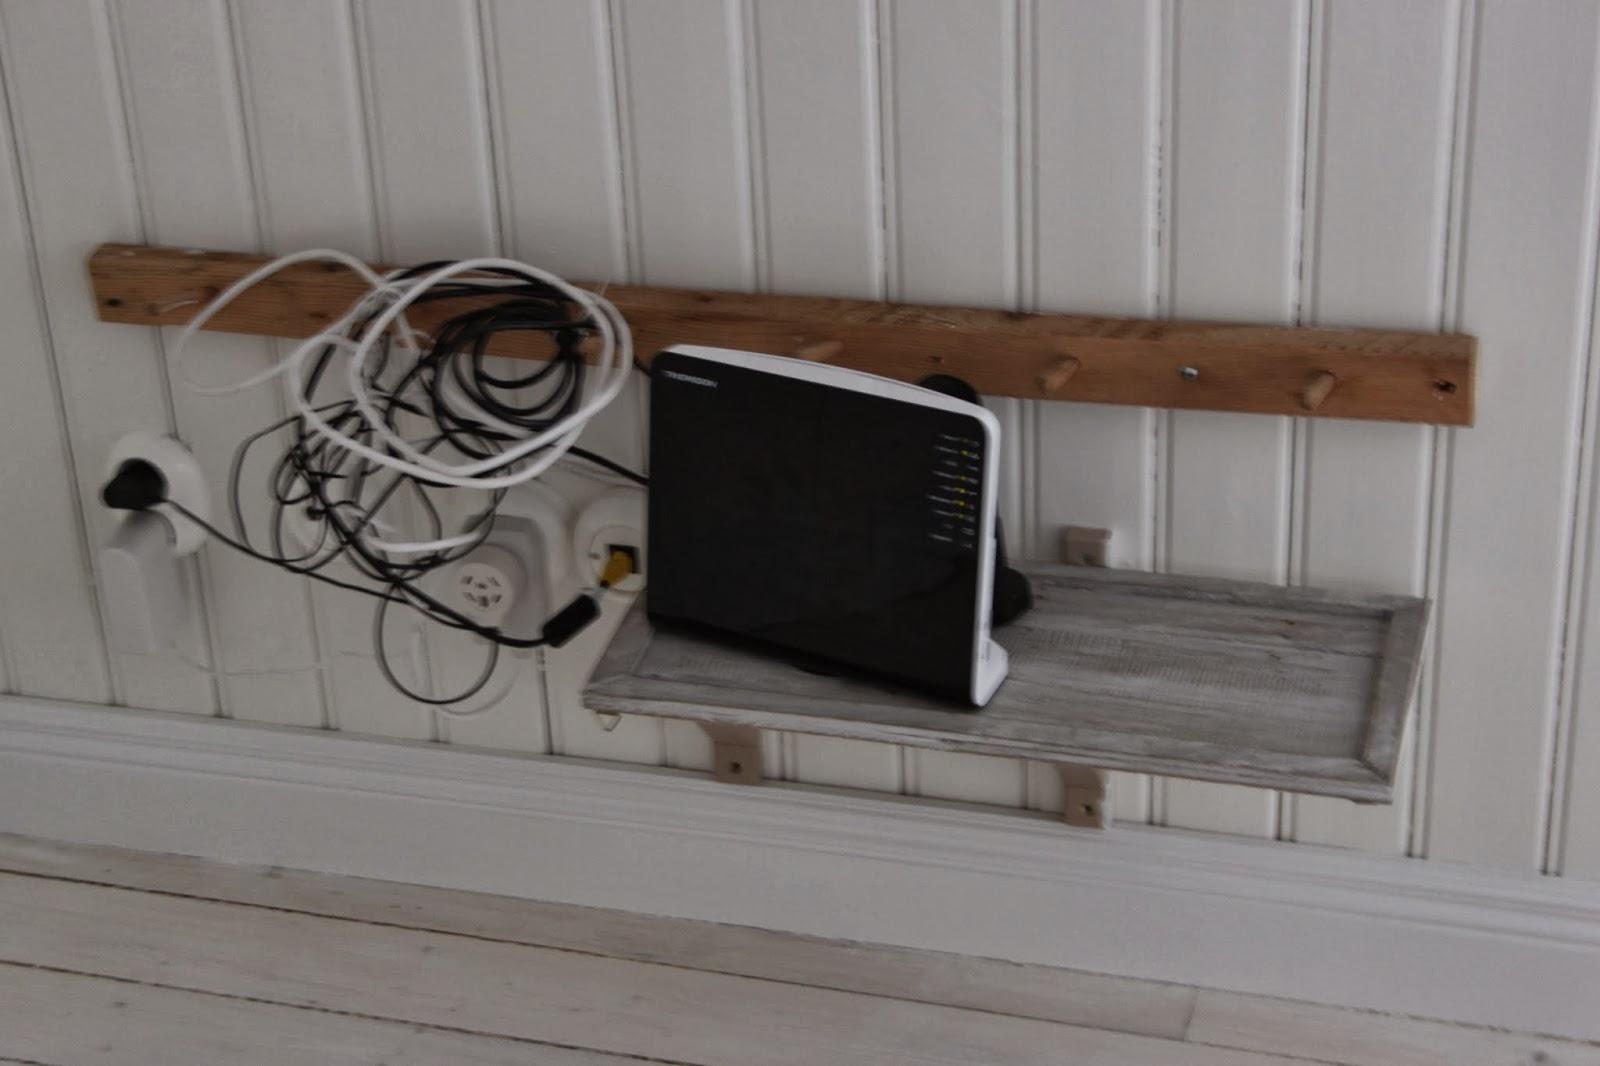 Add: design / anna stenberg / lantligt på svanängen: januari 2014